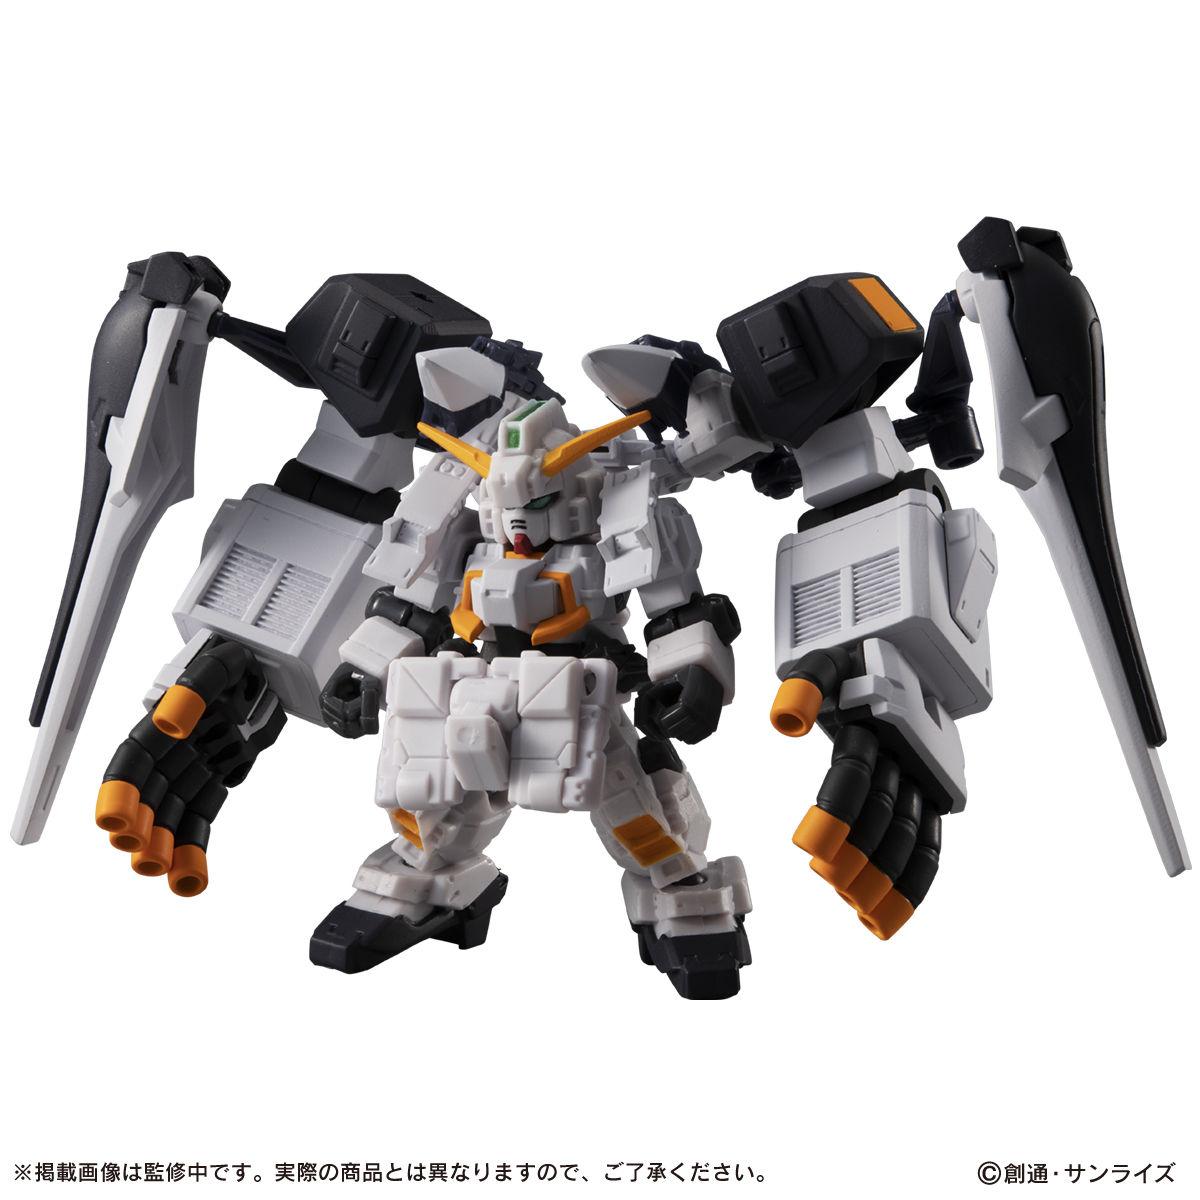 【限定販売】MOBILE SUIT ENSEMBLE『EX22 ギガンティック・アーム・ユニット装備セット』デフォルメ可動フィギュア-002